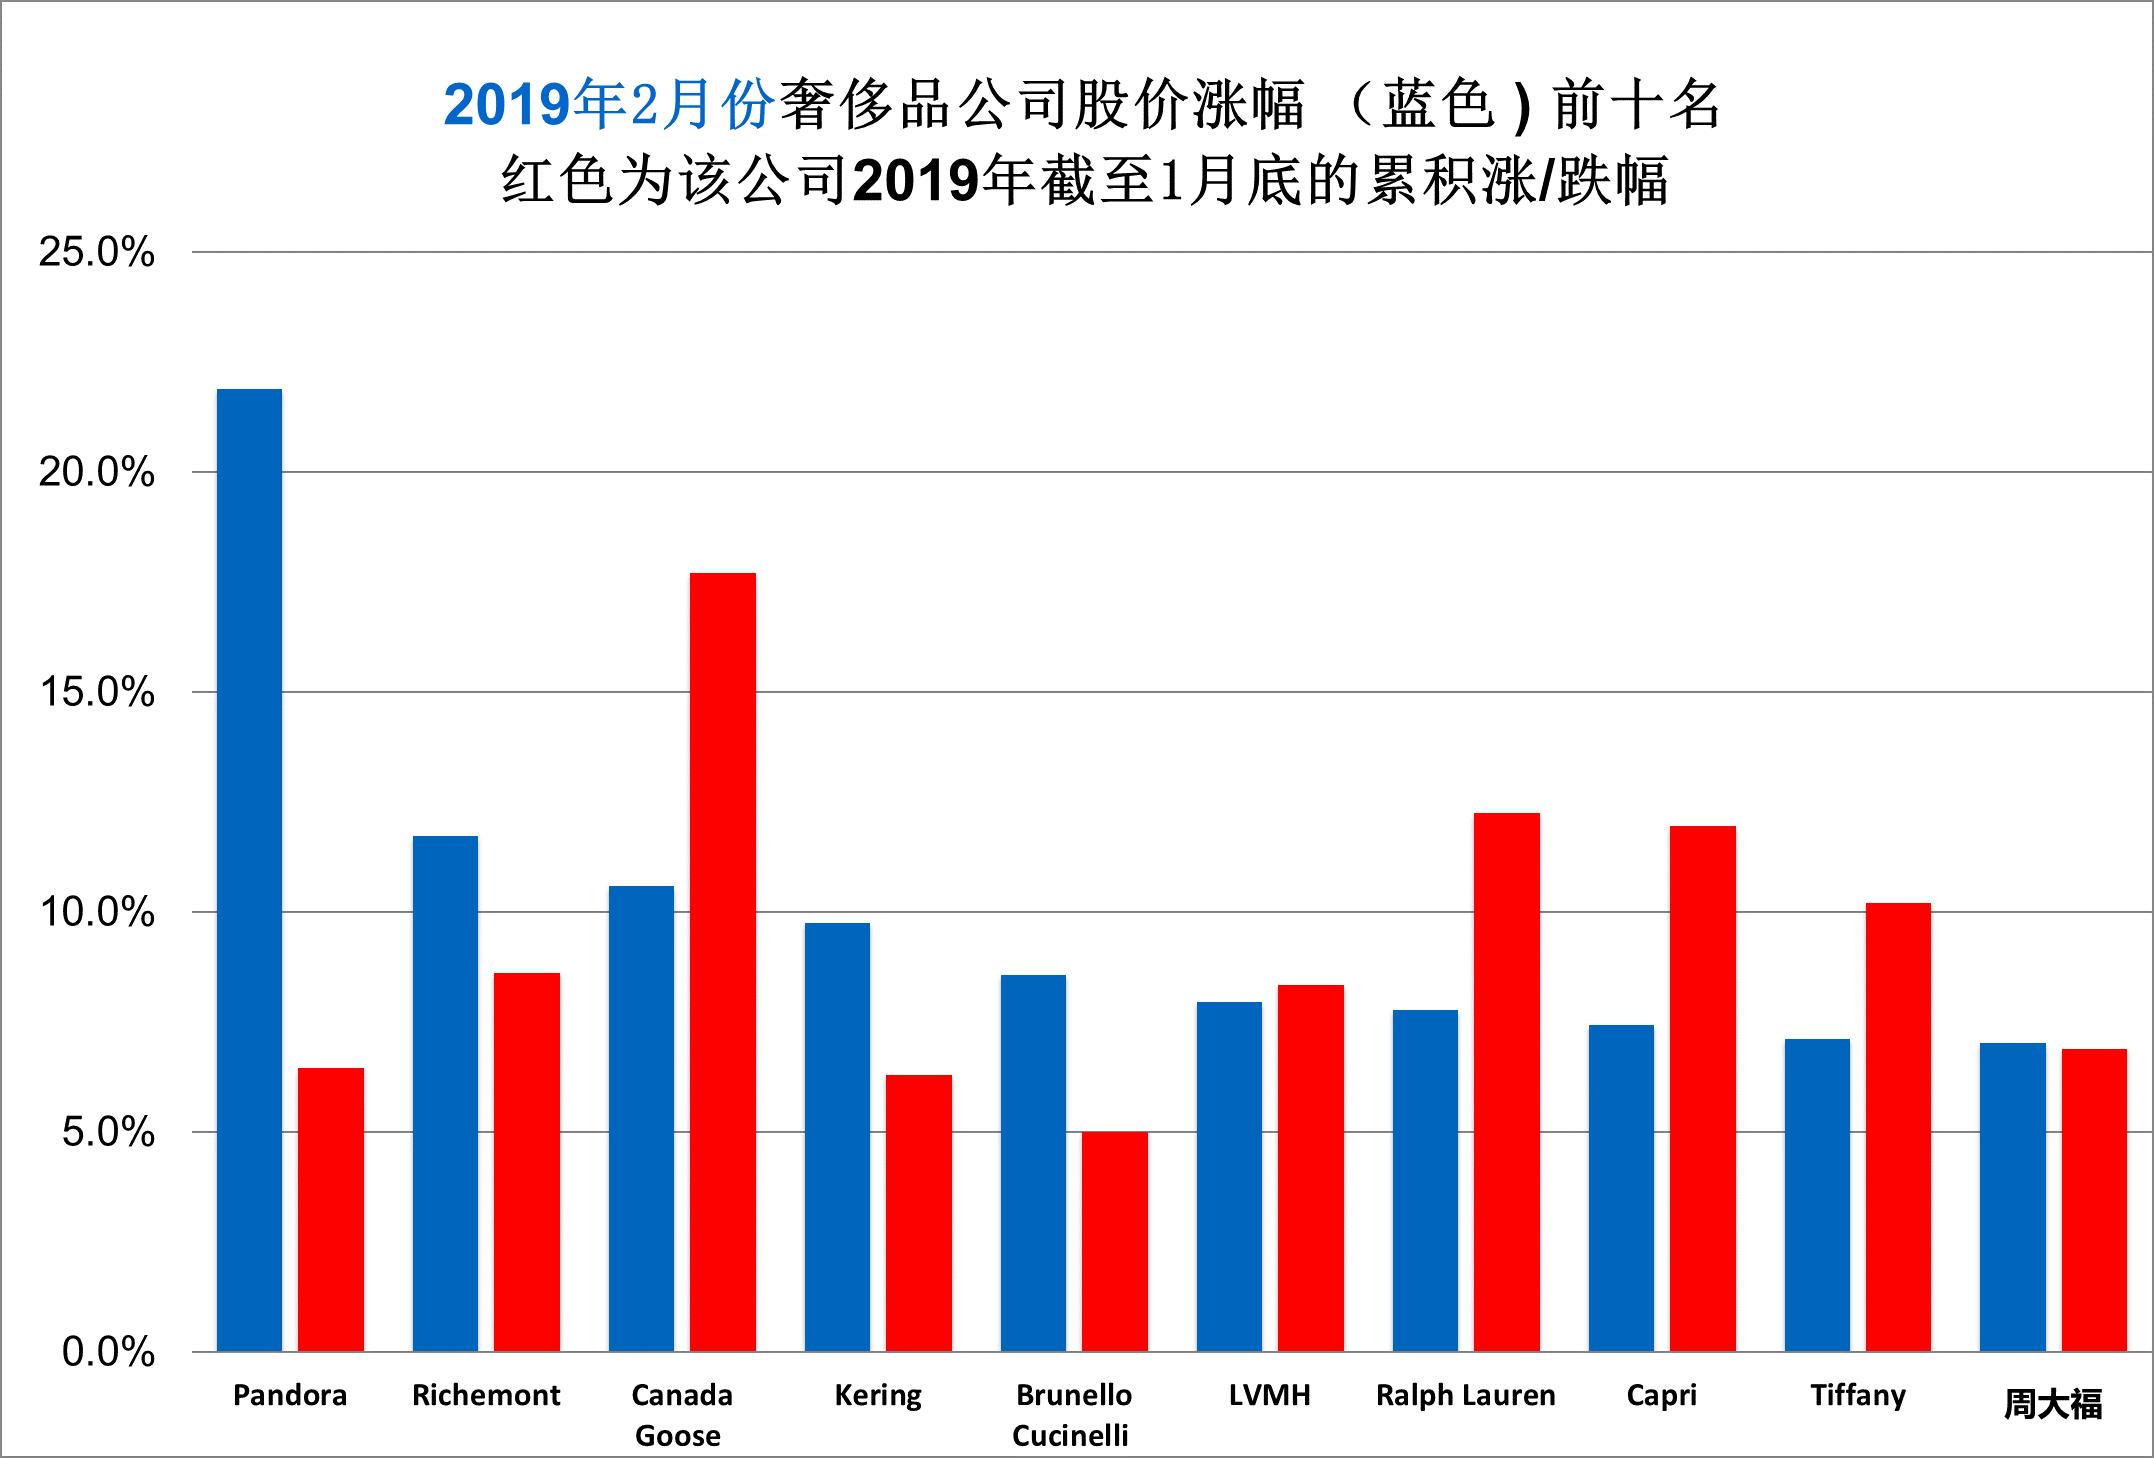 华丽志奢侈品股票月度排行榜(2019年2月)